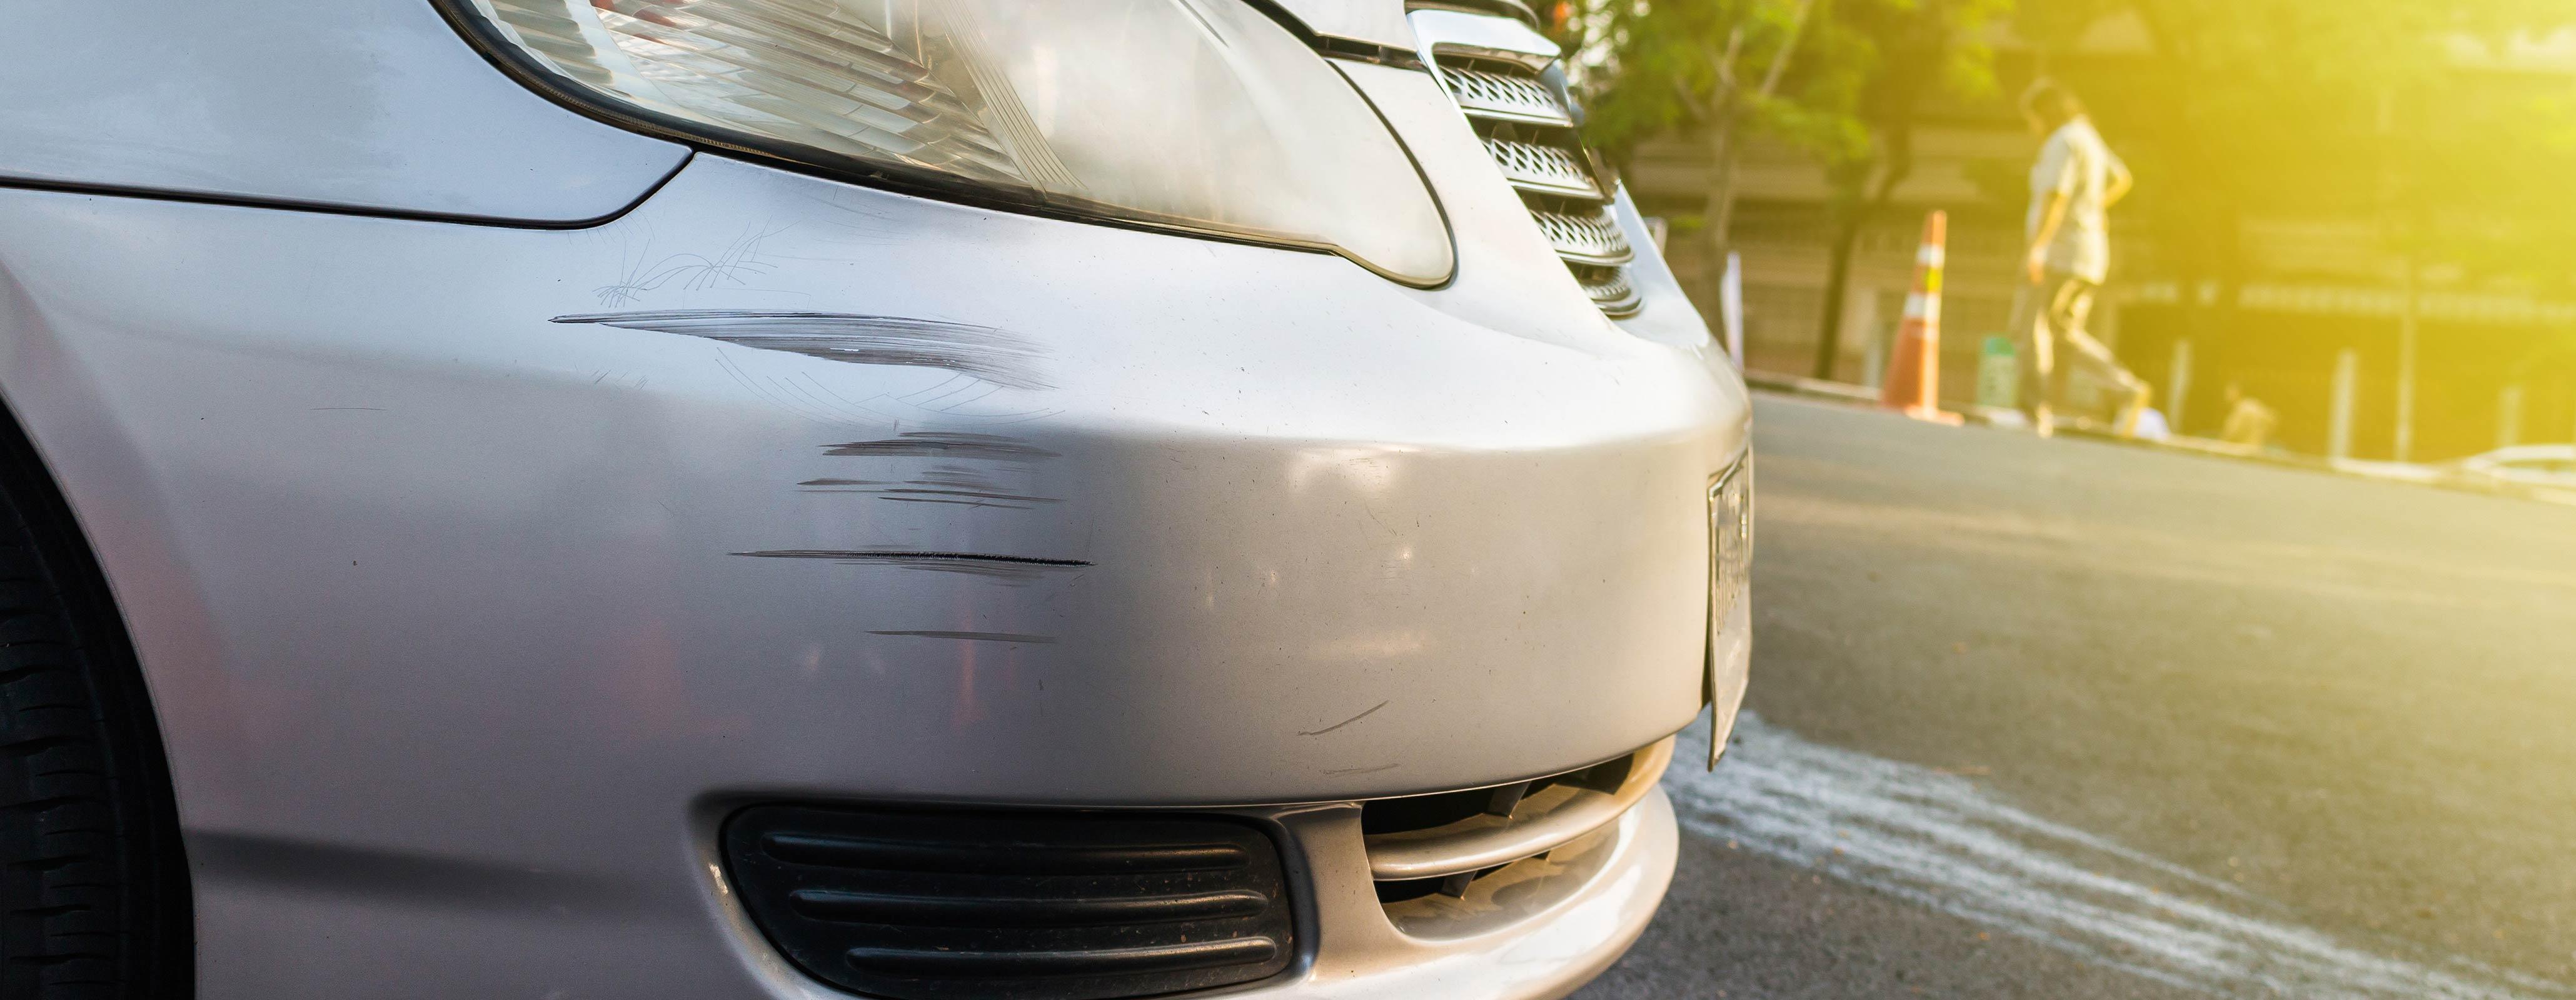 Is uw auto verzekerd tegen vandalisme?